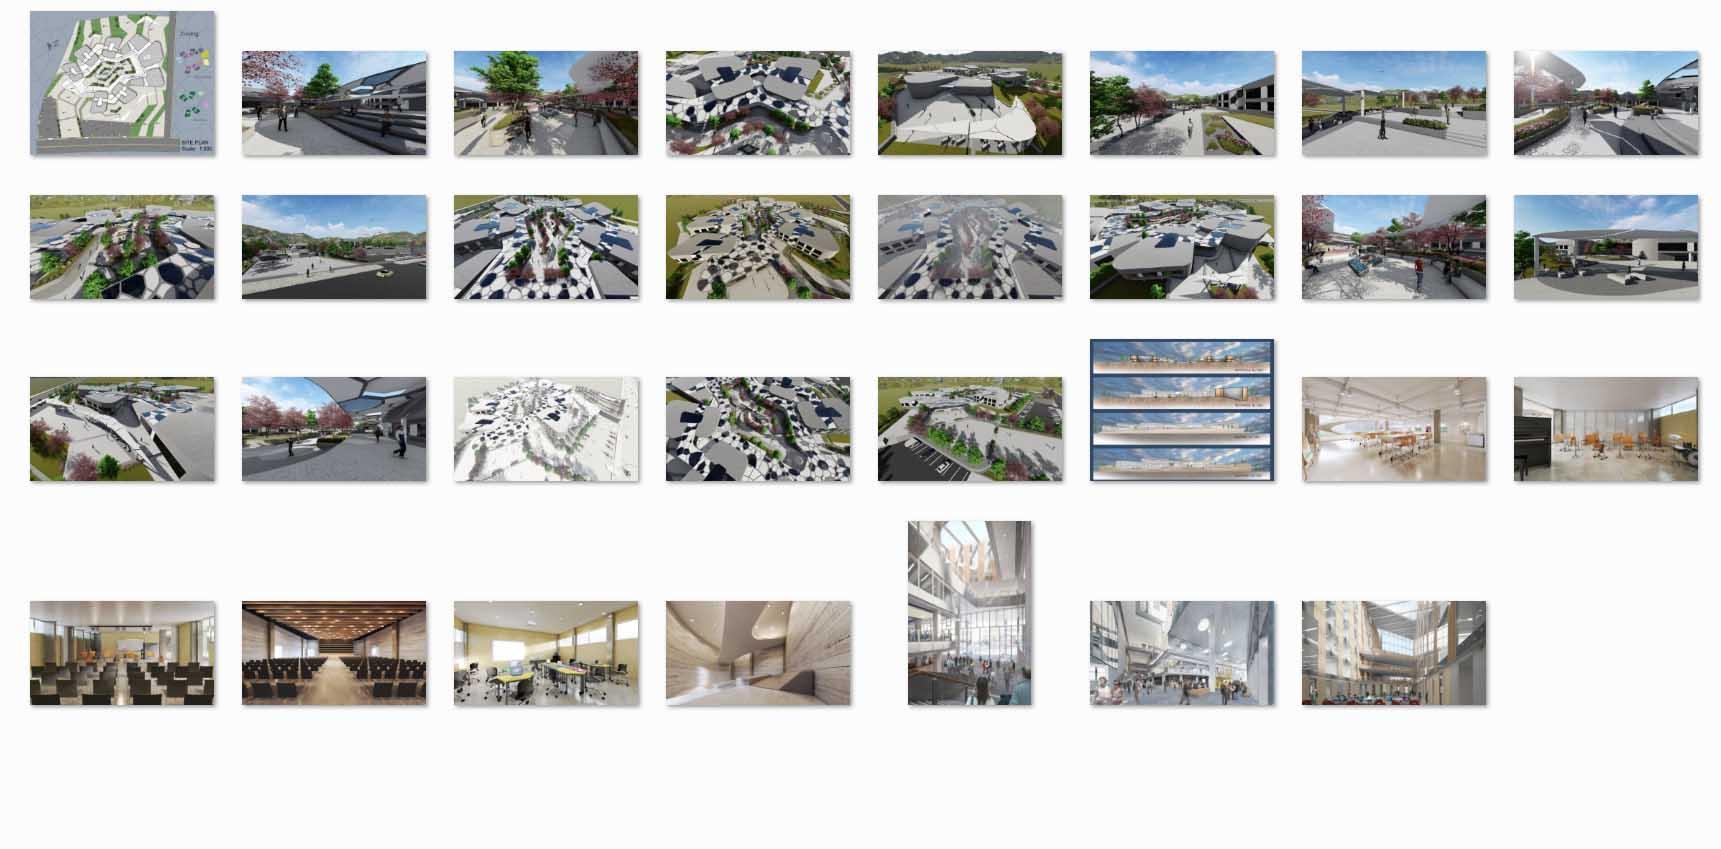 طراحی معماری بنیاد نخبگان و استعداد های درخشان با رویکرد انعطاف پذیری فضایی در آموزش پایدار